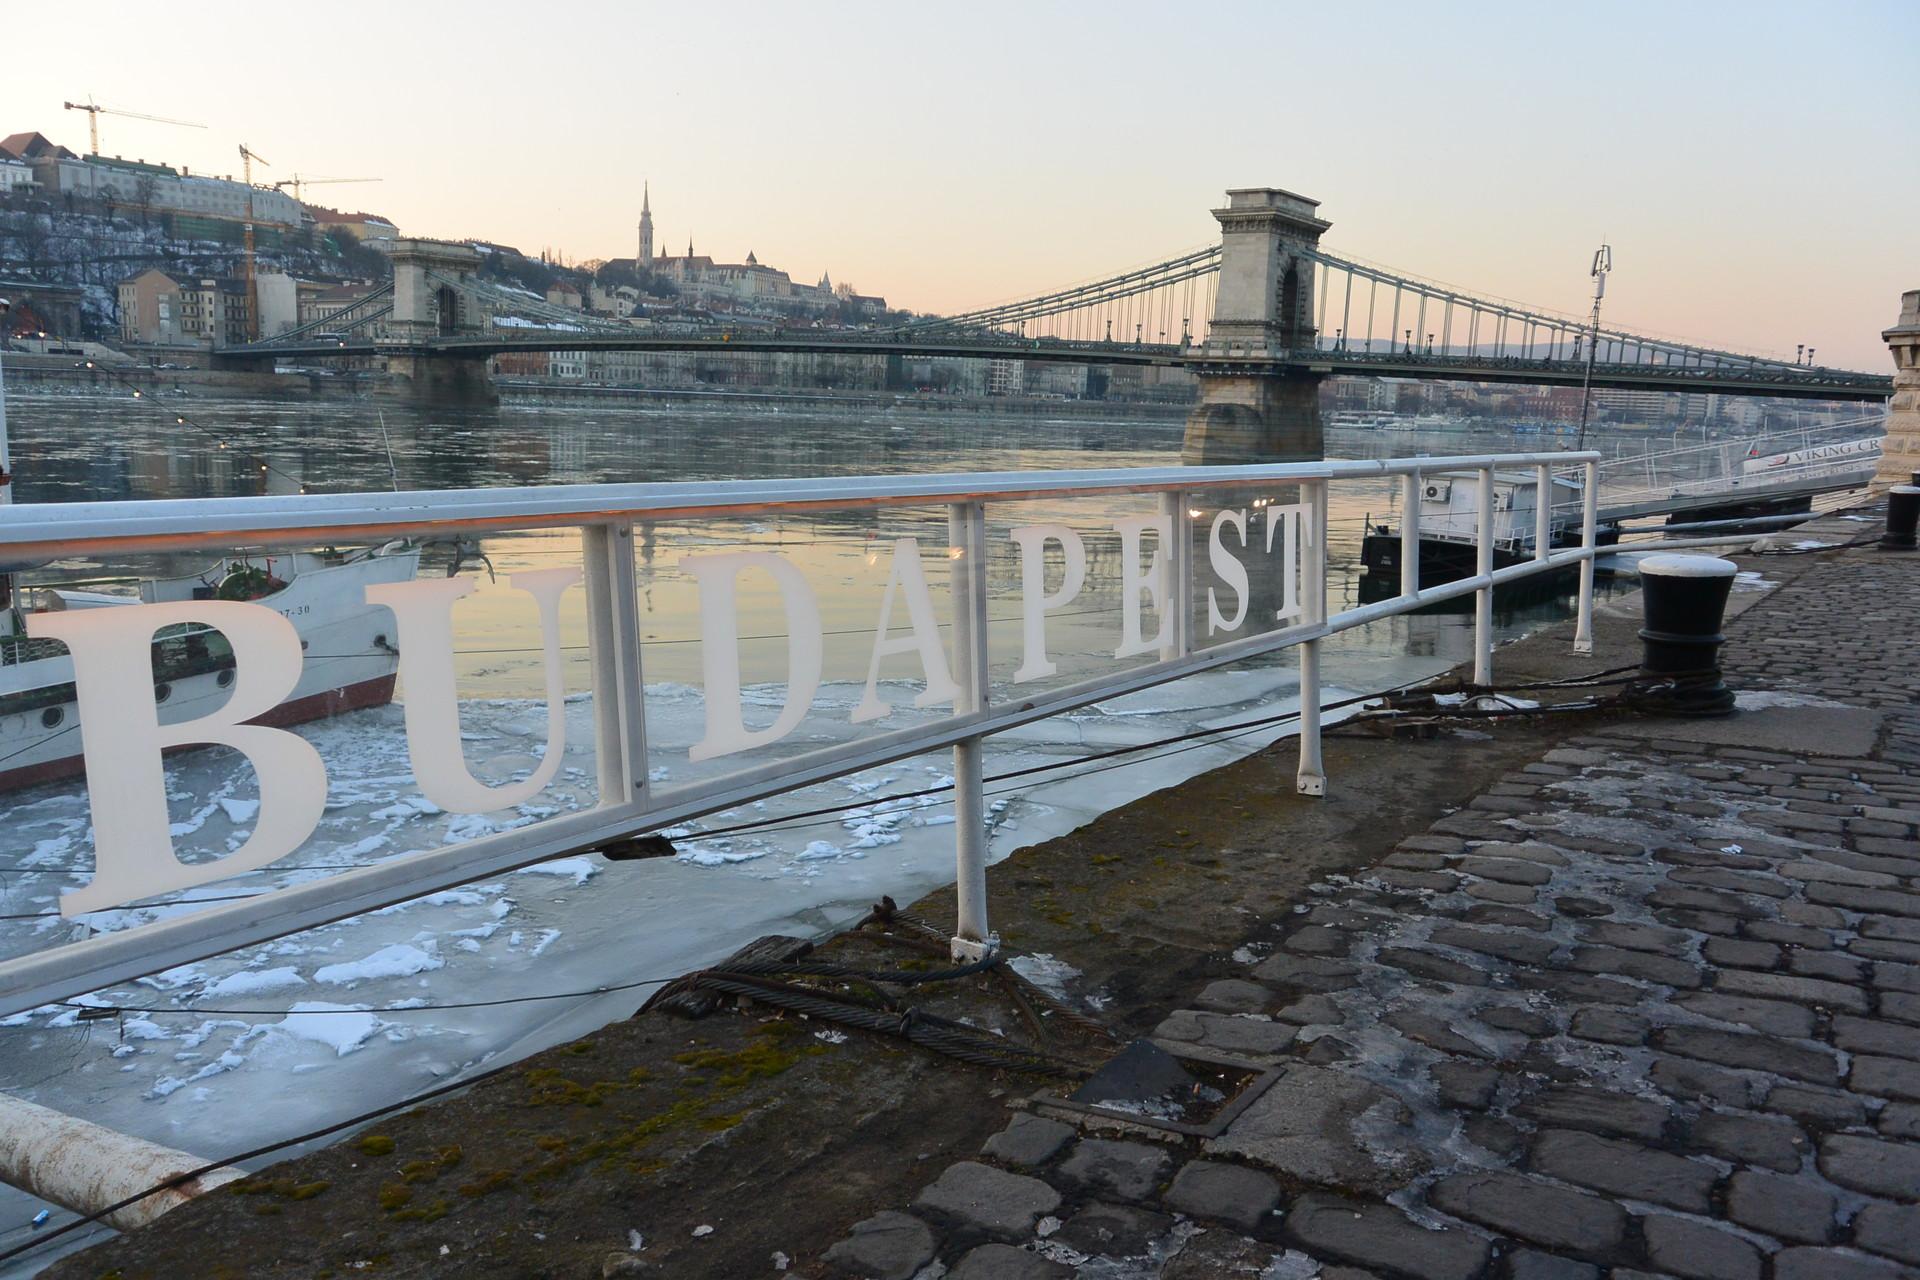 vivir-budapest-de-erasmus-8884e23b386df4